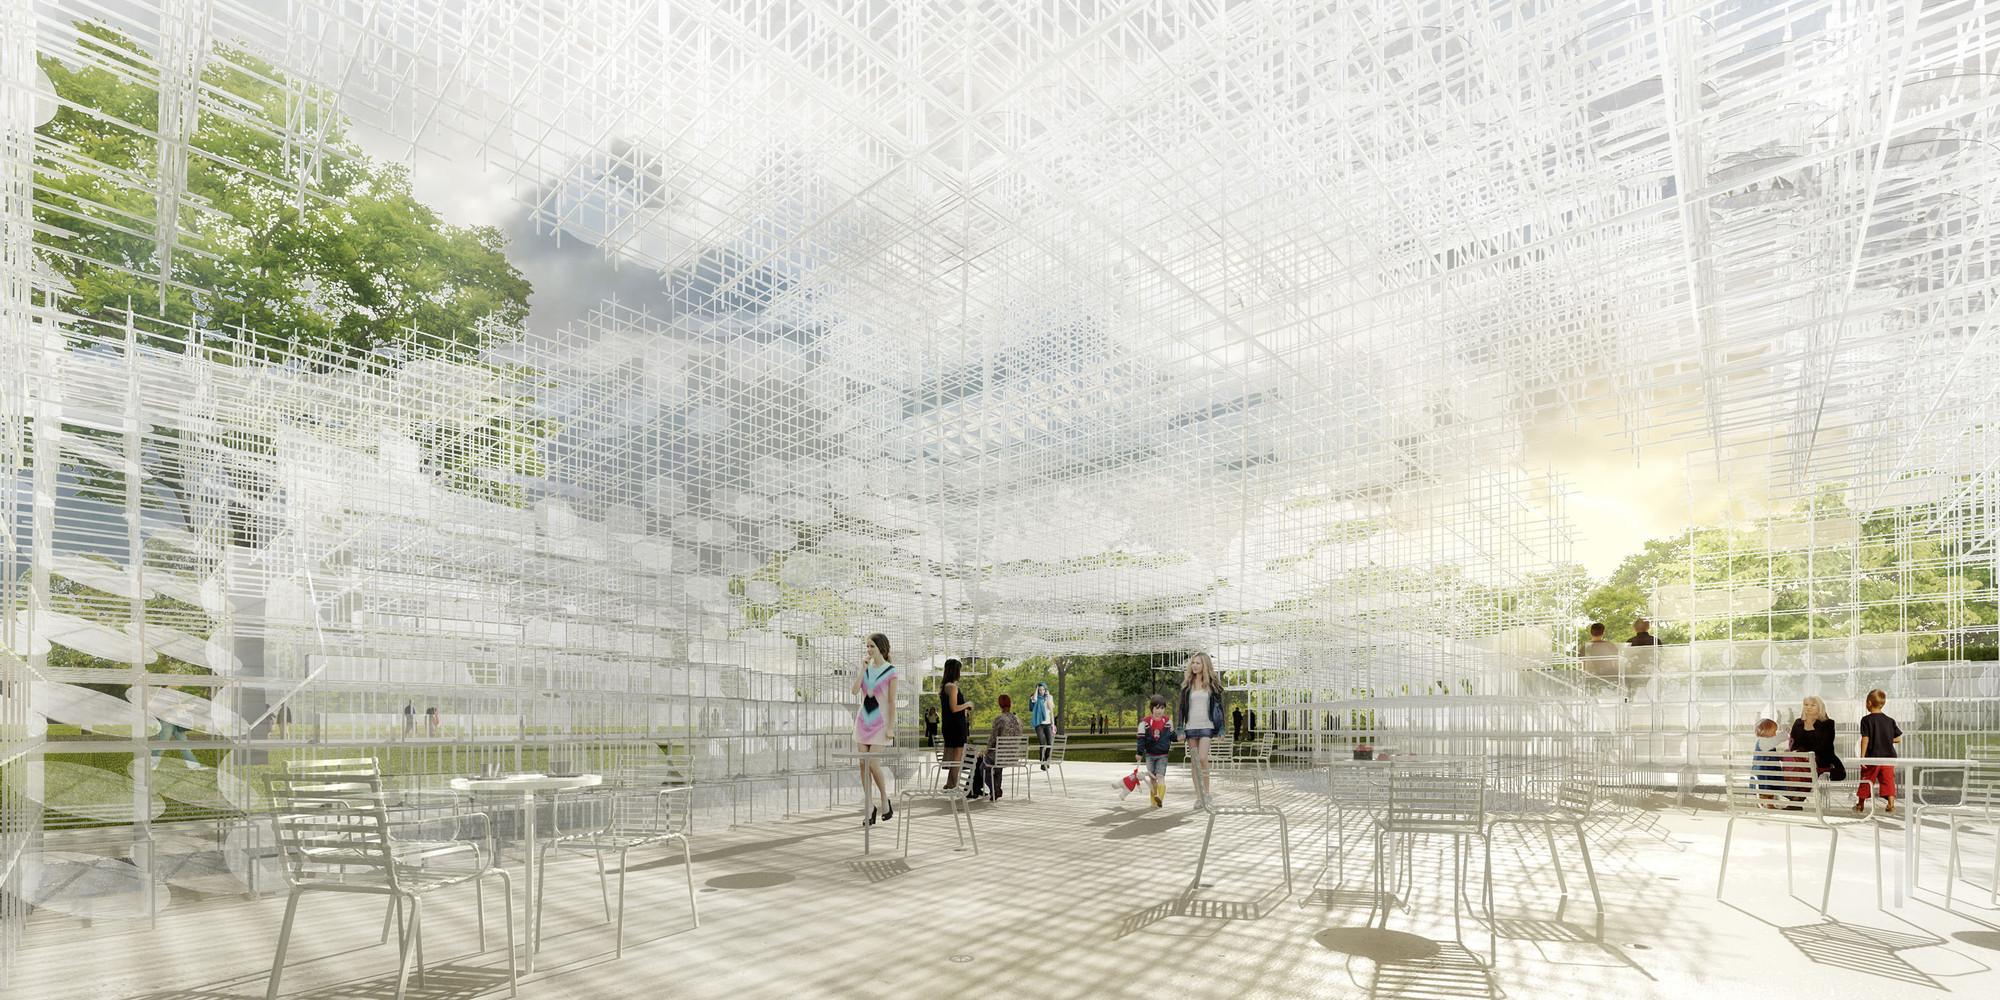 Sou Fujimoto diseñará el Serpentine Gallery Pavilion 2013, Serpentine Gallery Pavilion 2013 Diseñada por Sou Fujimoto Interior CGI